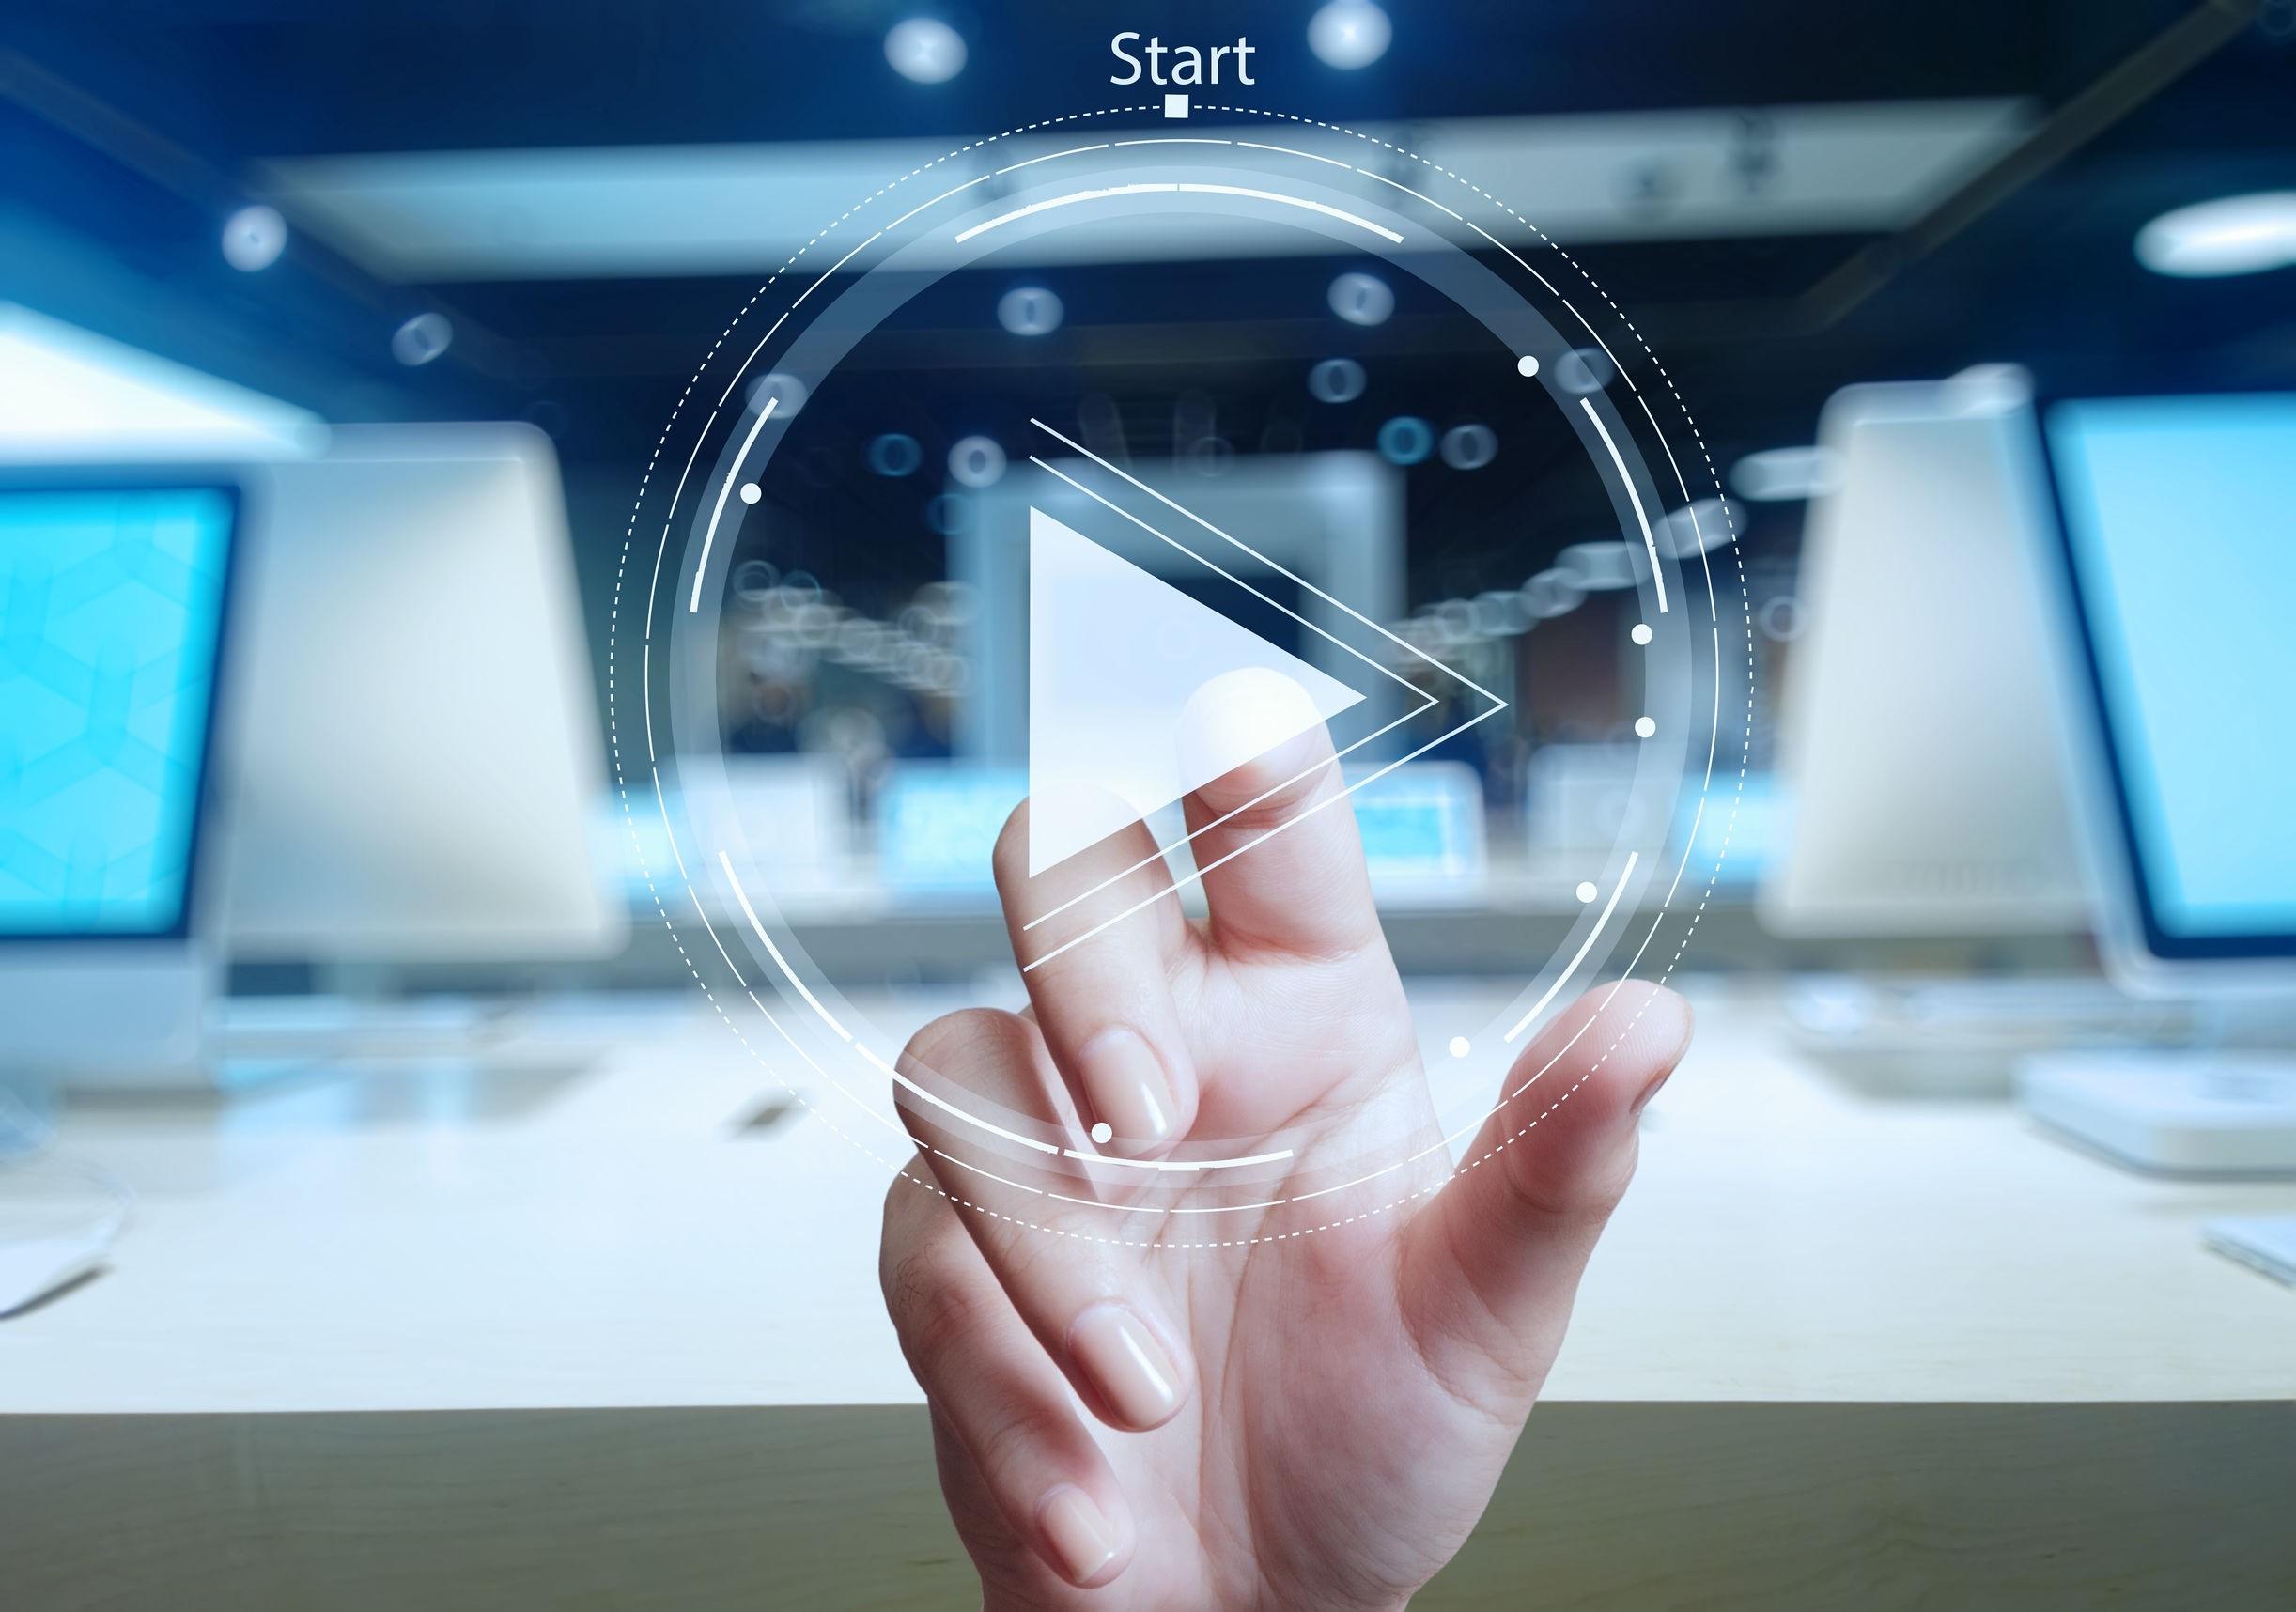 根據最新調查多數行銷人員表示,影音內容作為行銷工具變得越來越重要